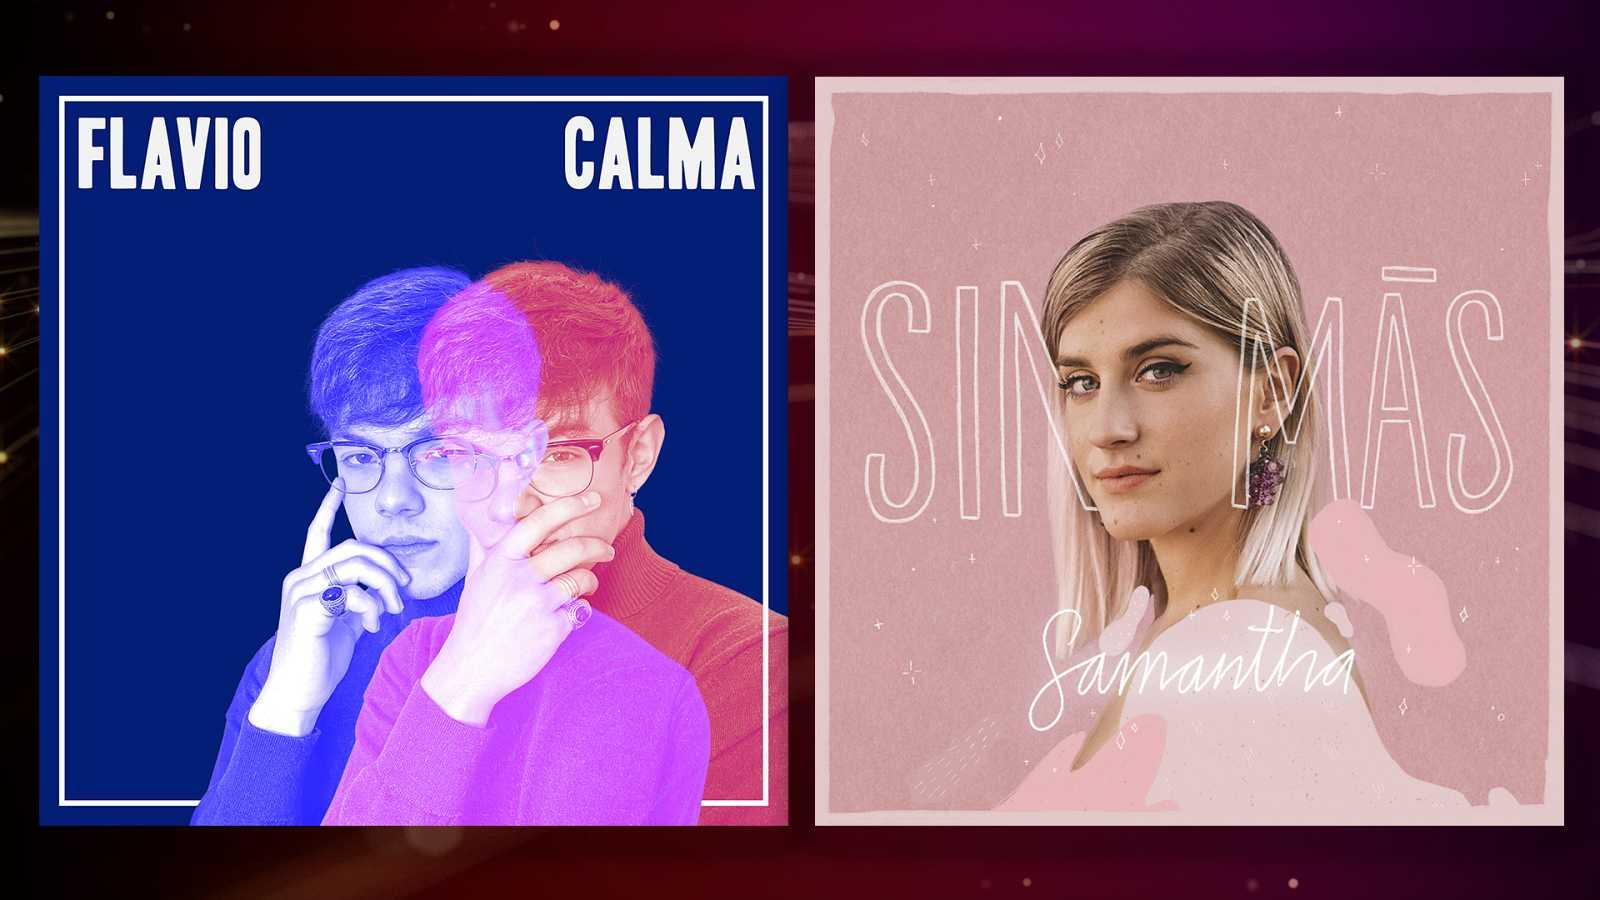 """Portadas de """"Calma"""" y """"Sin más"""", los singles de Flavio y Samantha respectivamente"""